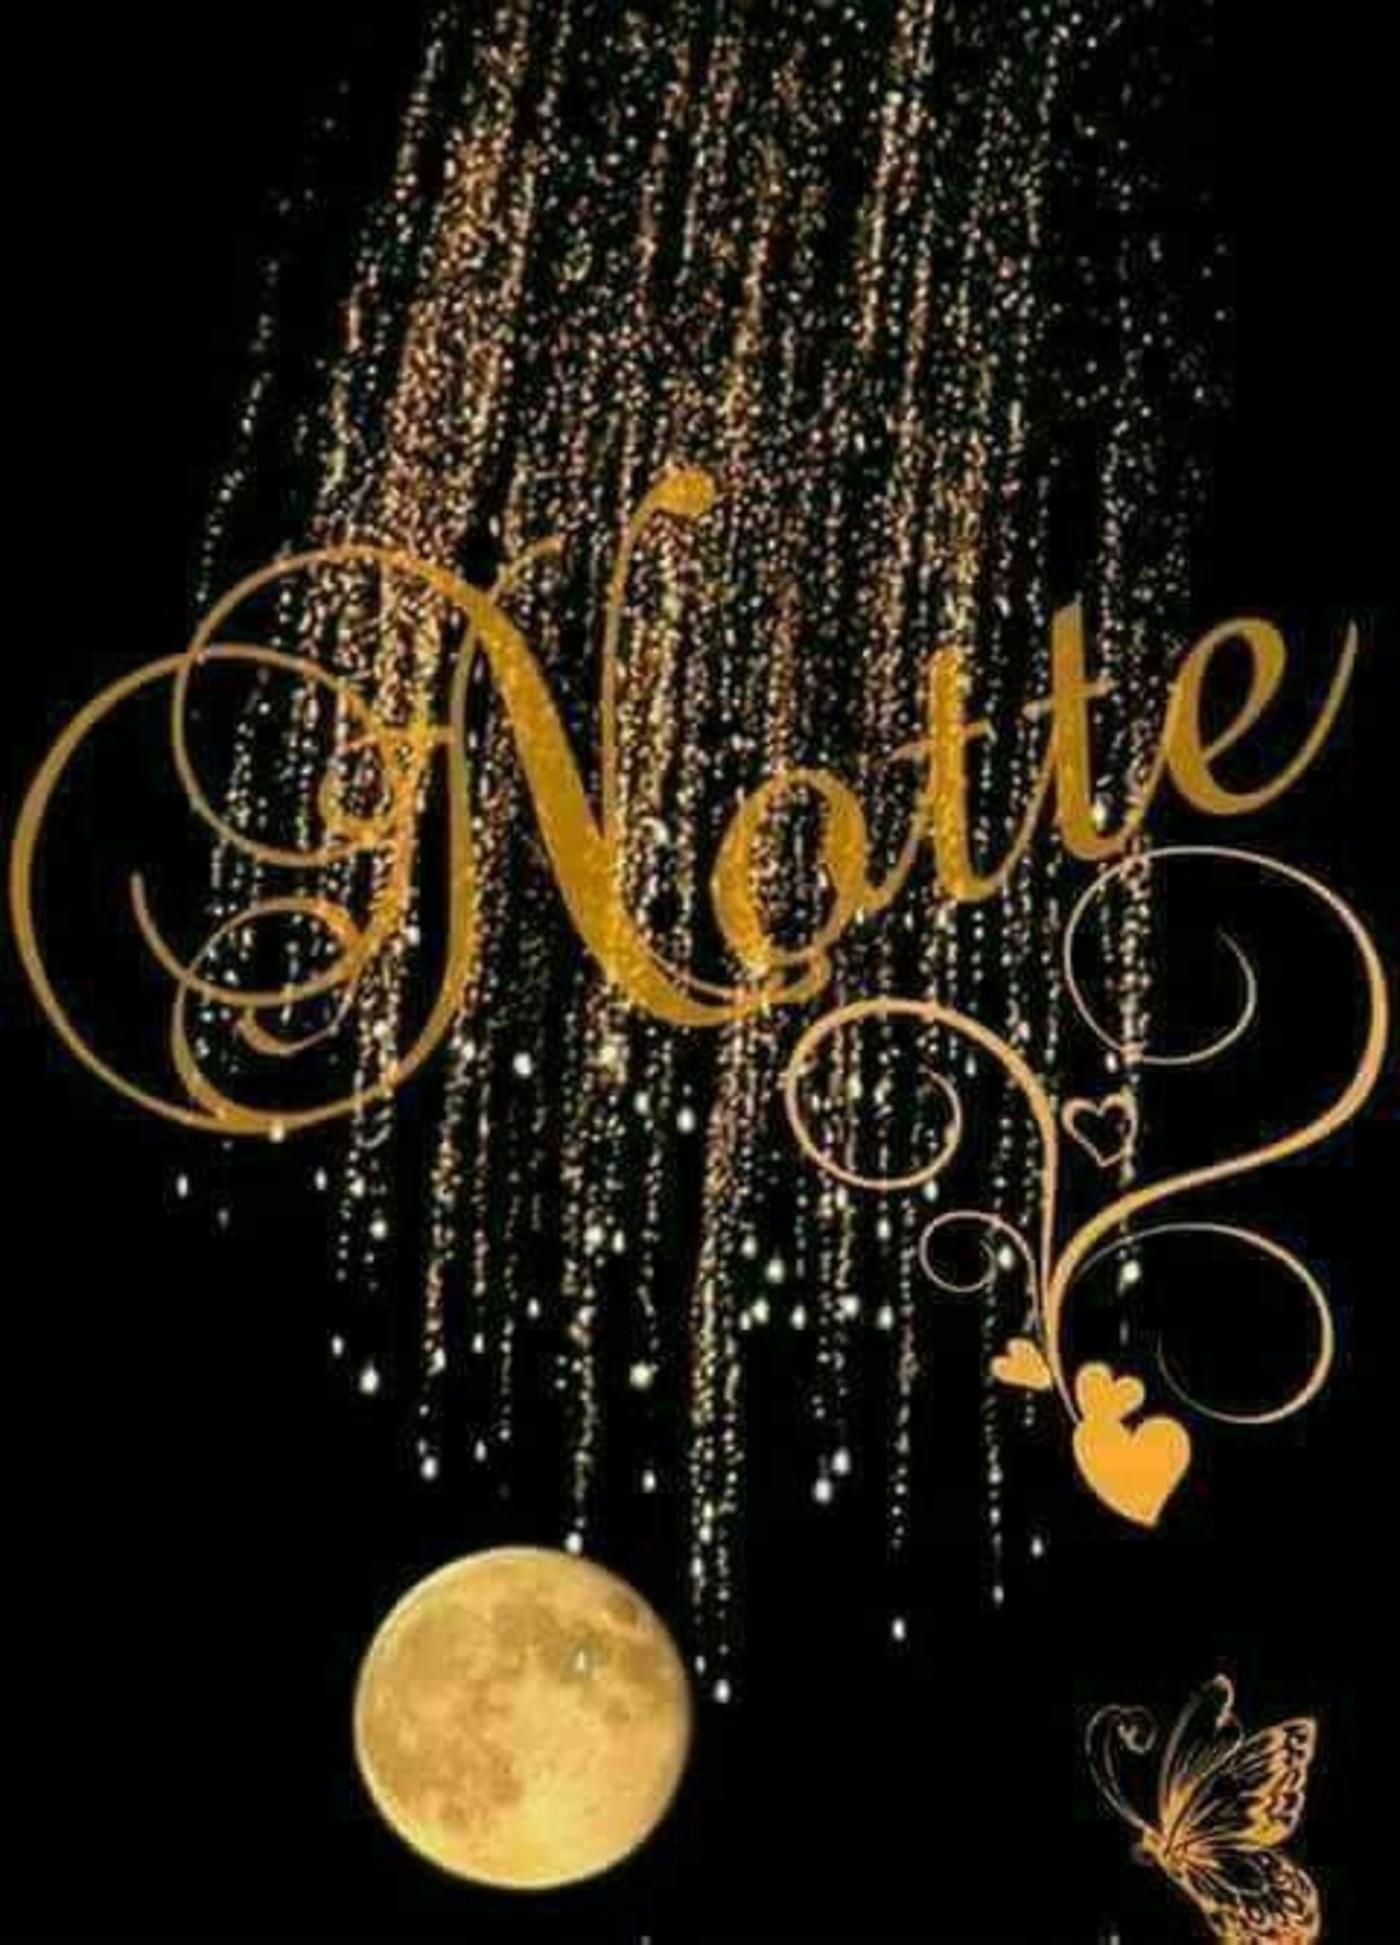 Notte 80